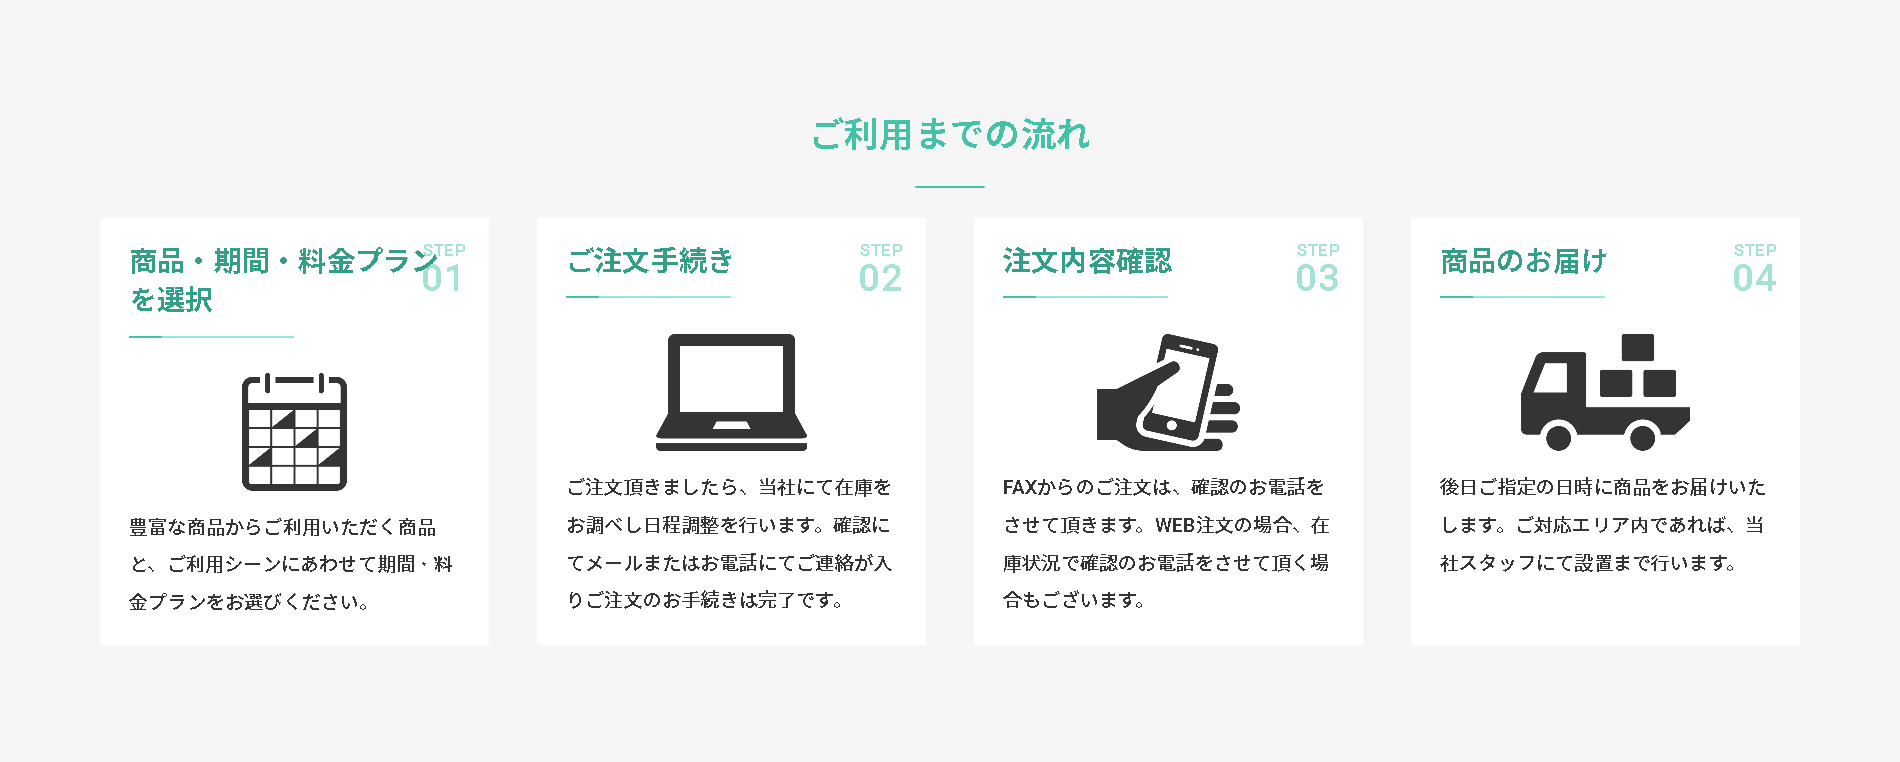 ファストレンタル_ご利用の流れ 家具スクリプション